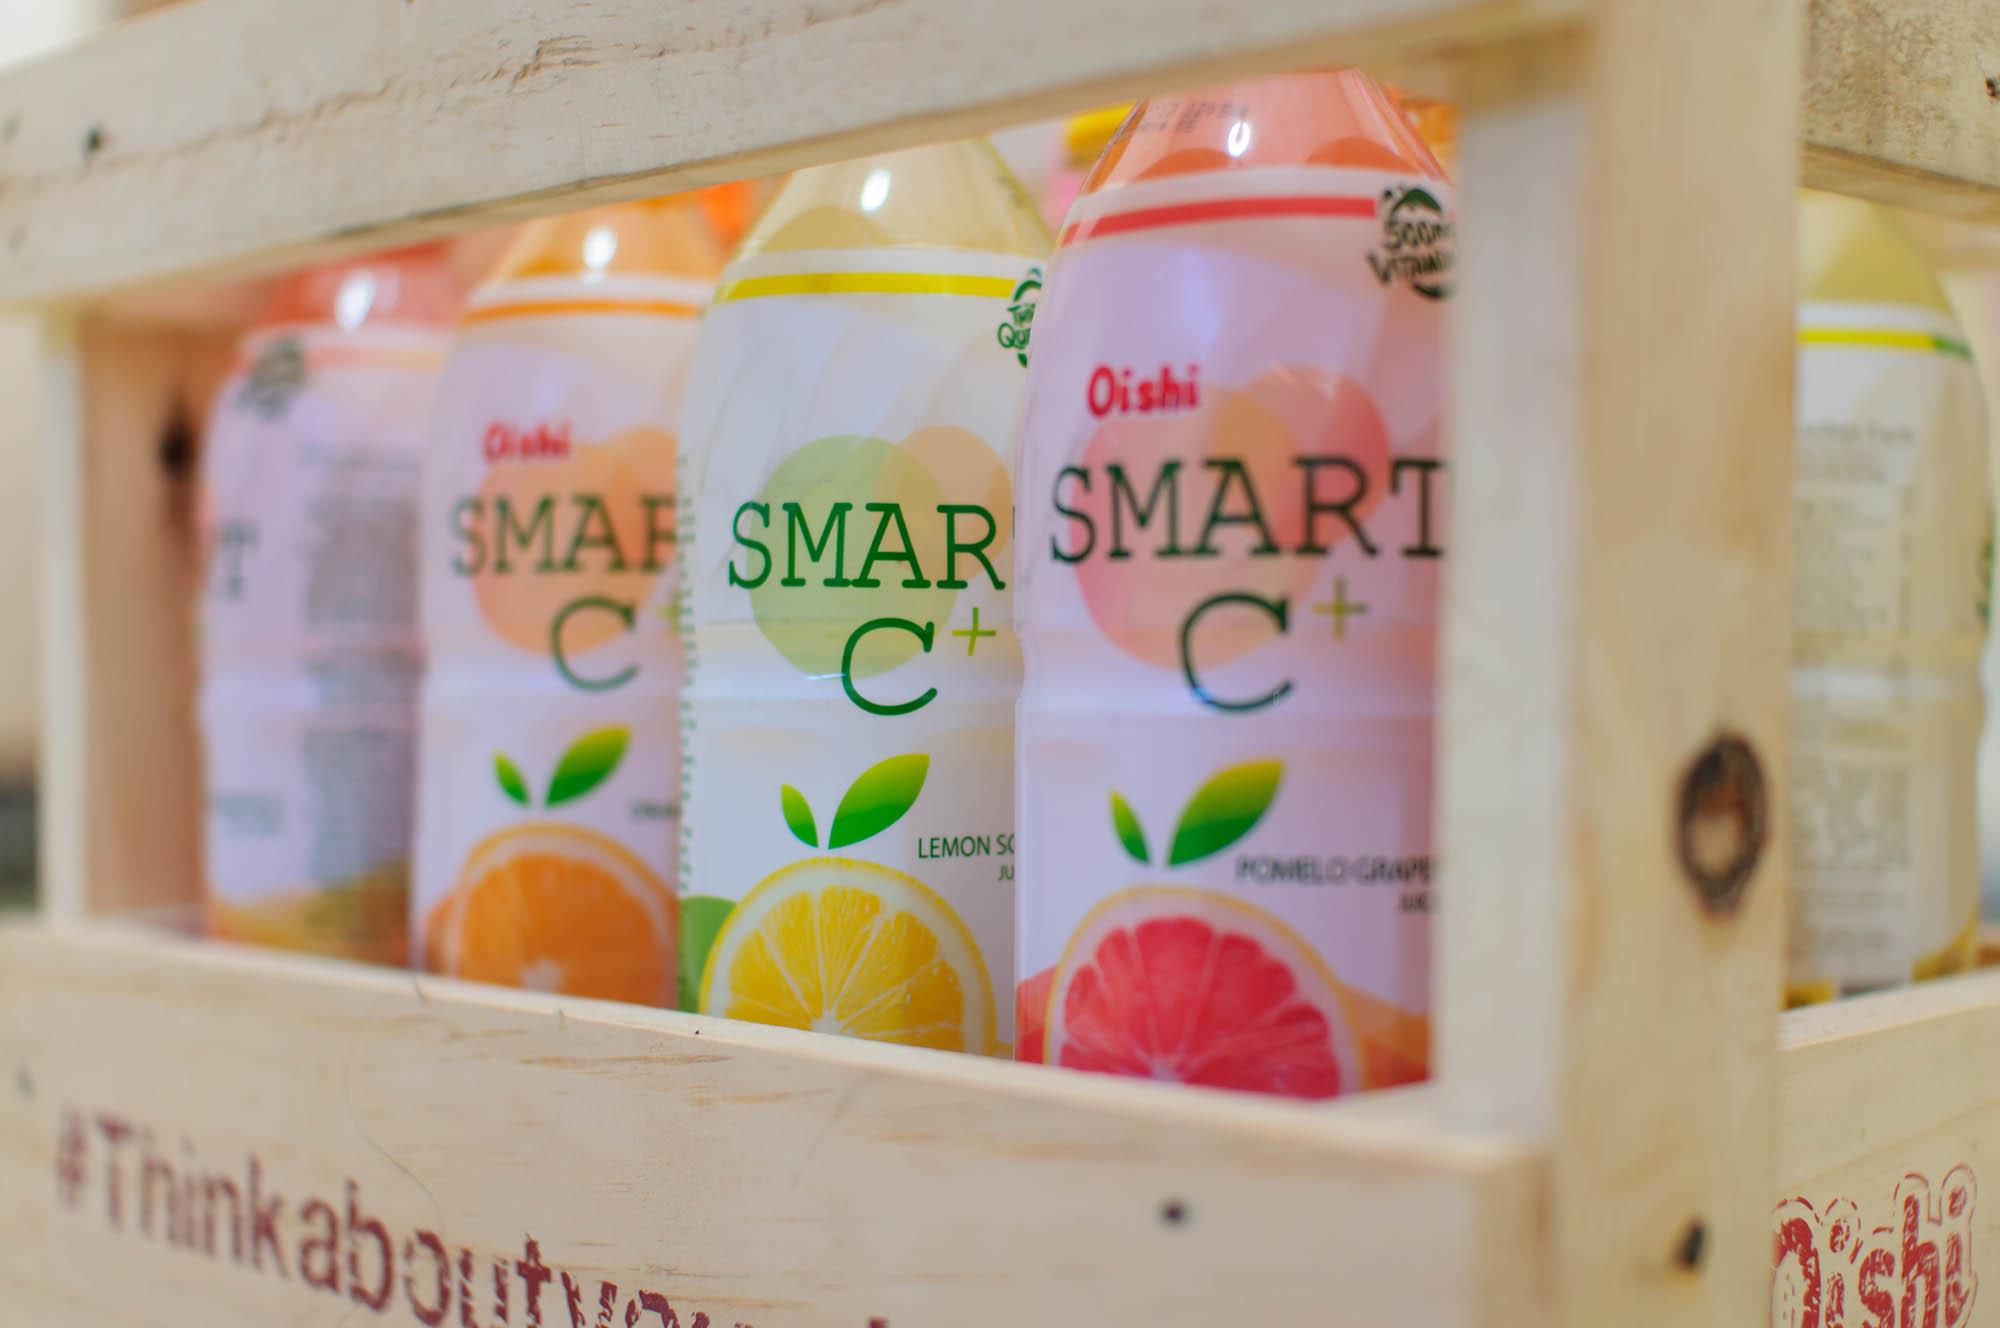 Oishi Smart C